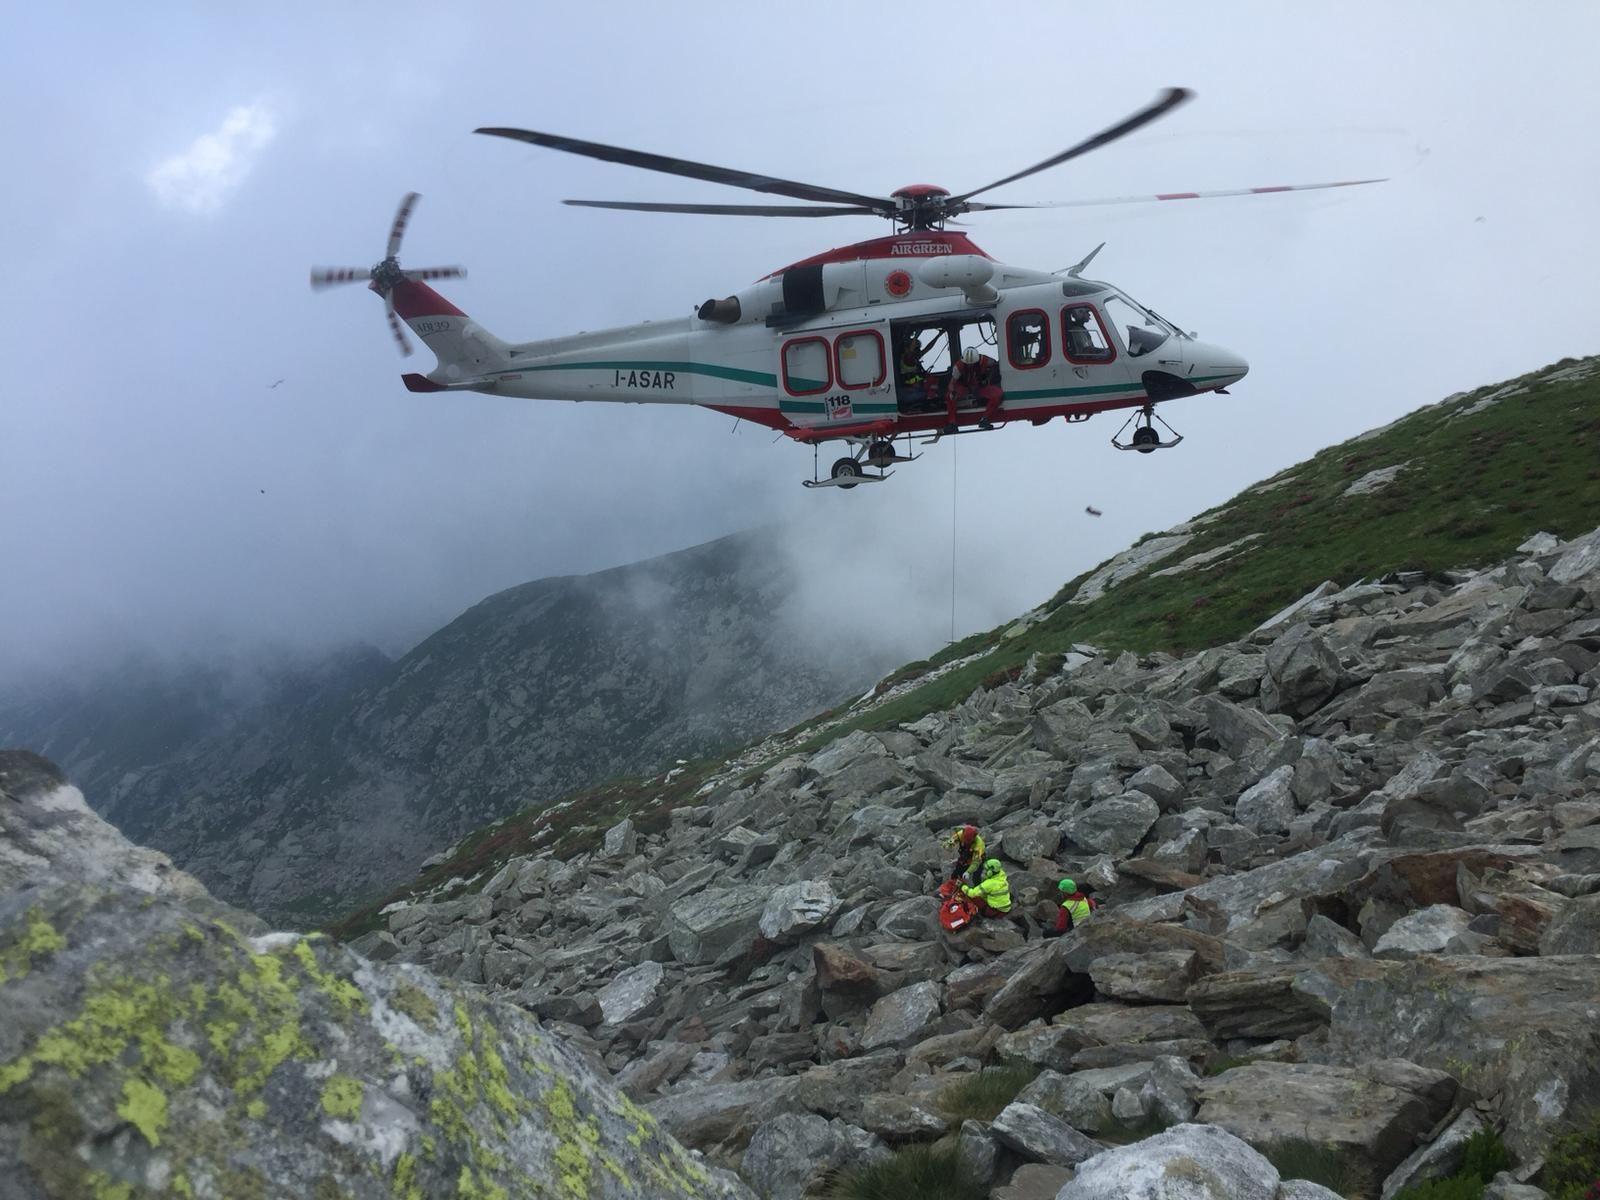 QUINCINETTO - Precipita per quaranta metri durante un'escursione: un uomo salvato dal soccorso alpino - FOTO e VIDEO